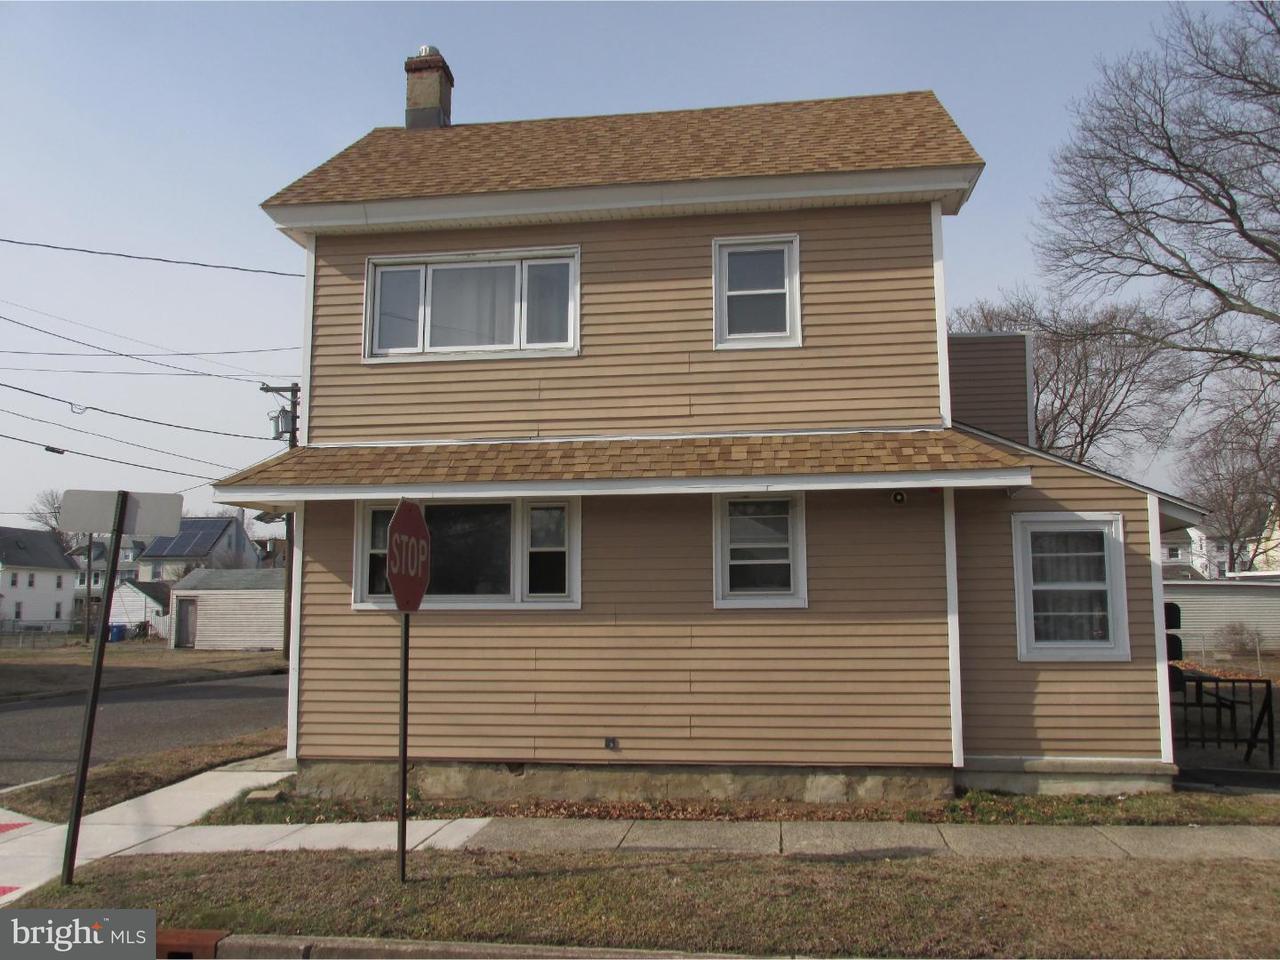 триплекс для того Аренда на 500 POPLAR ST #1 Delanco Township, Нью-Джерси 08075 Соединенные Штаты